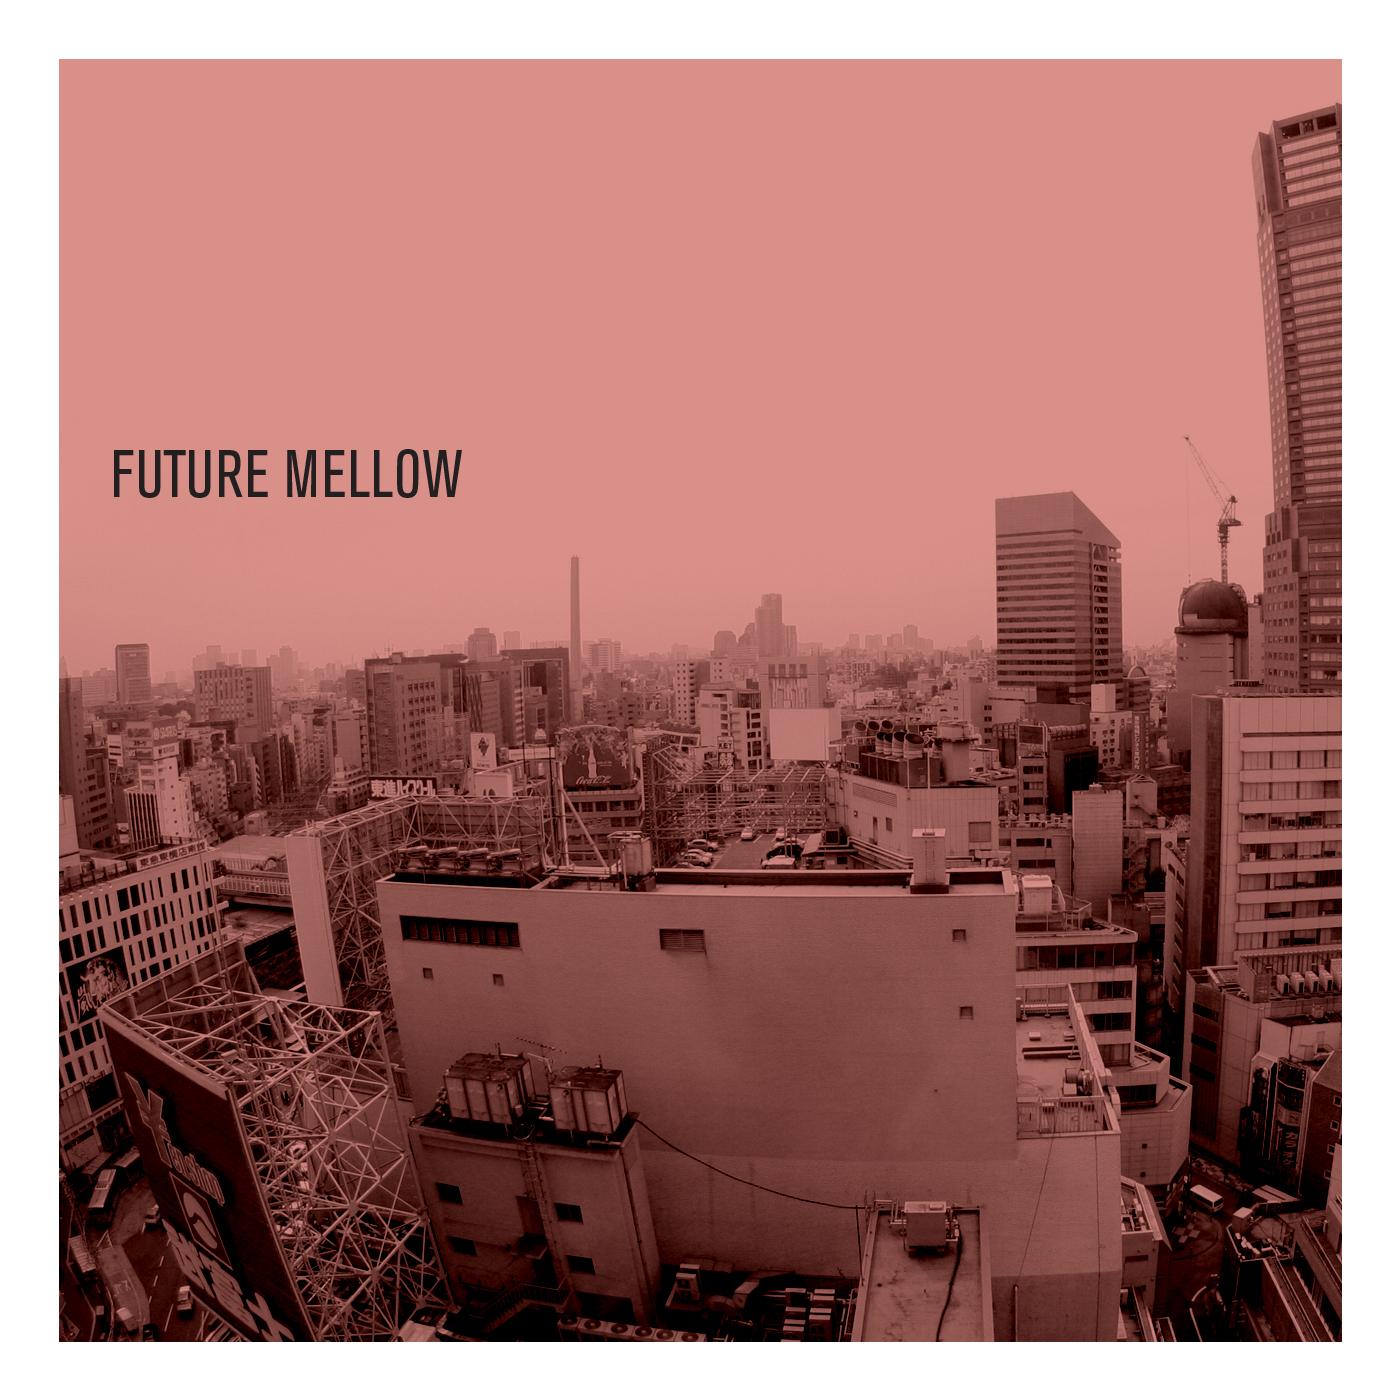 FUTURE MELLOW